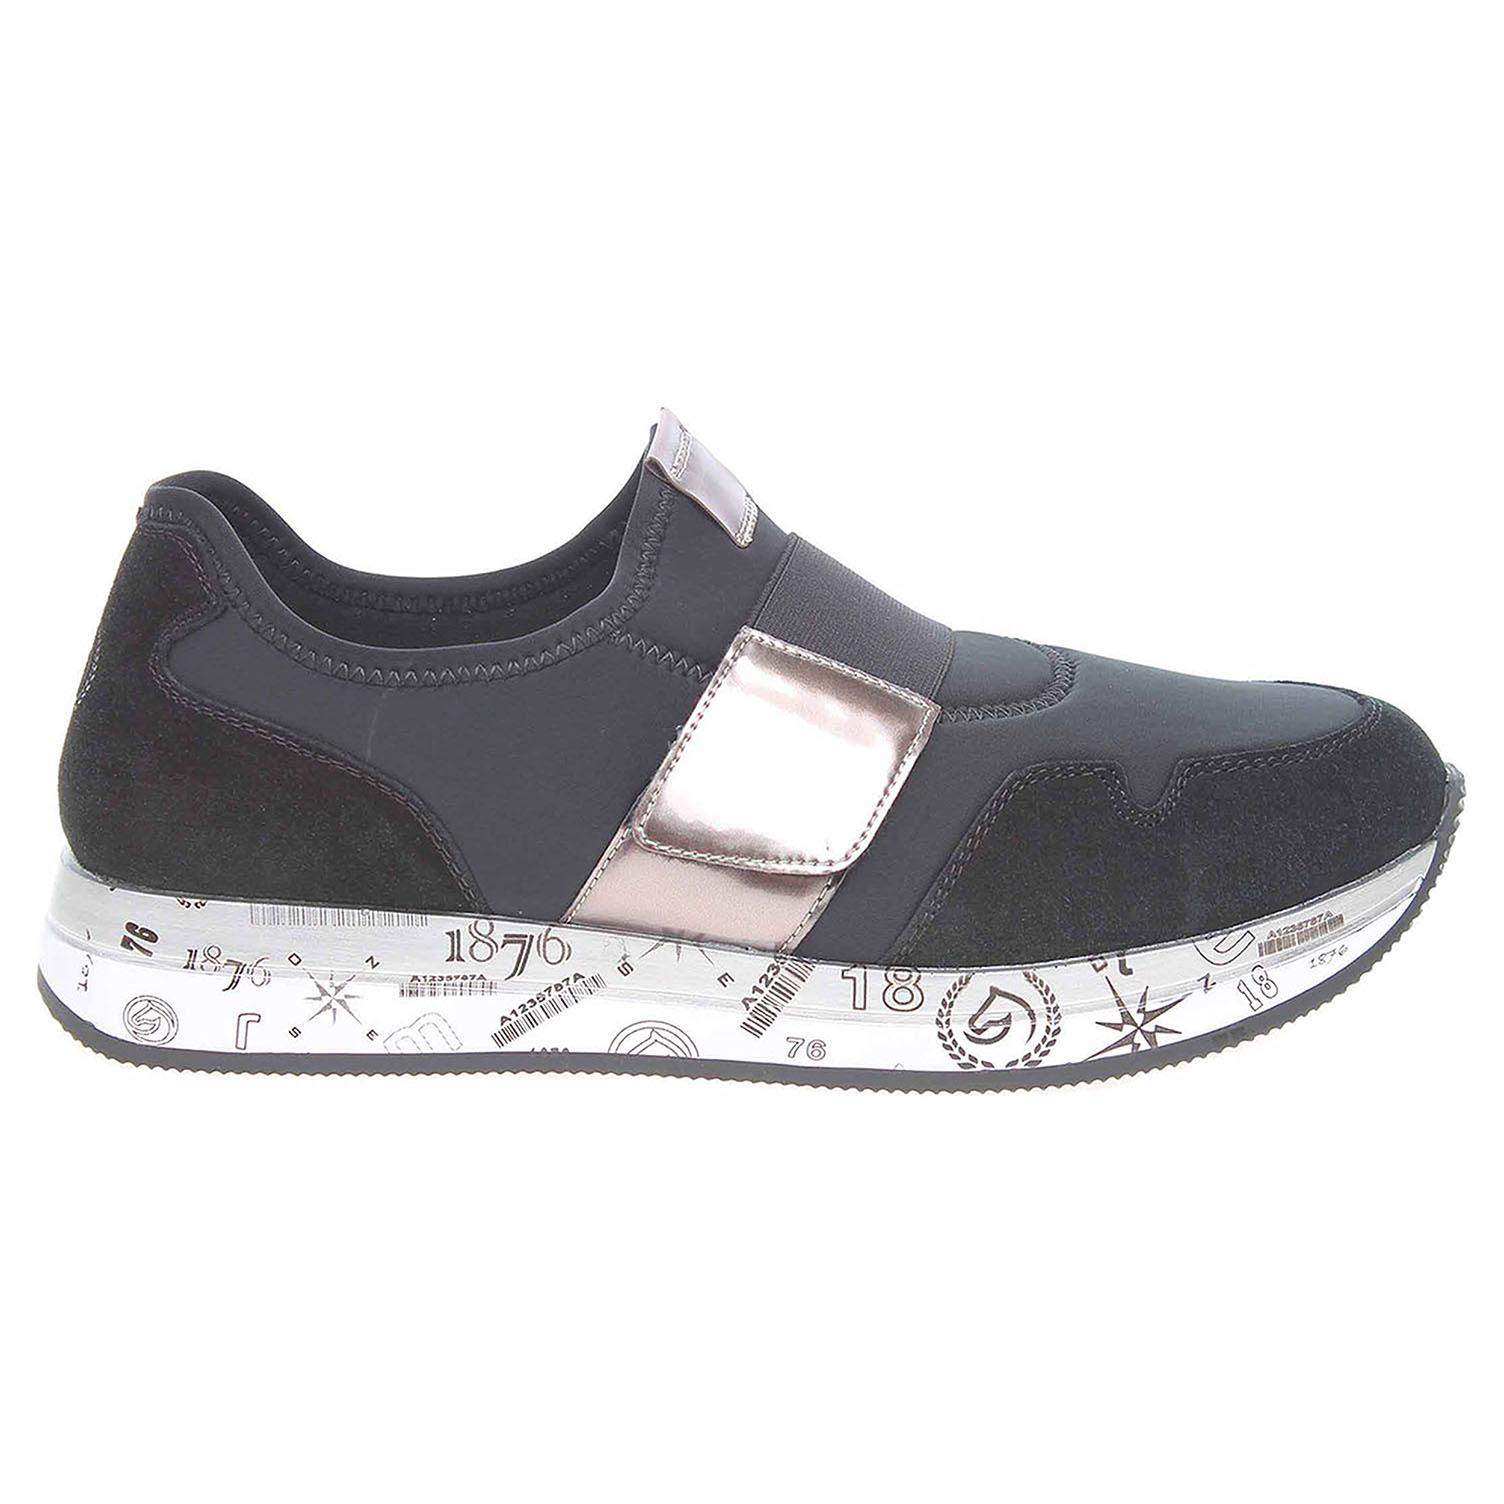 Remonte dámská obuv D2504-02 schwarz kombi D2504-02 43